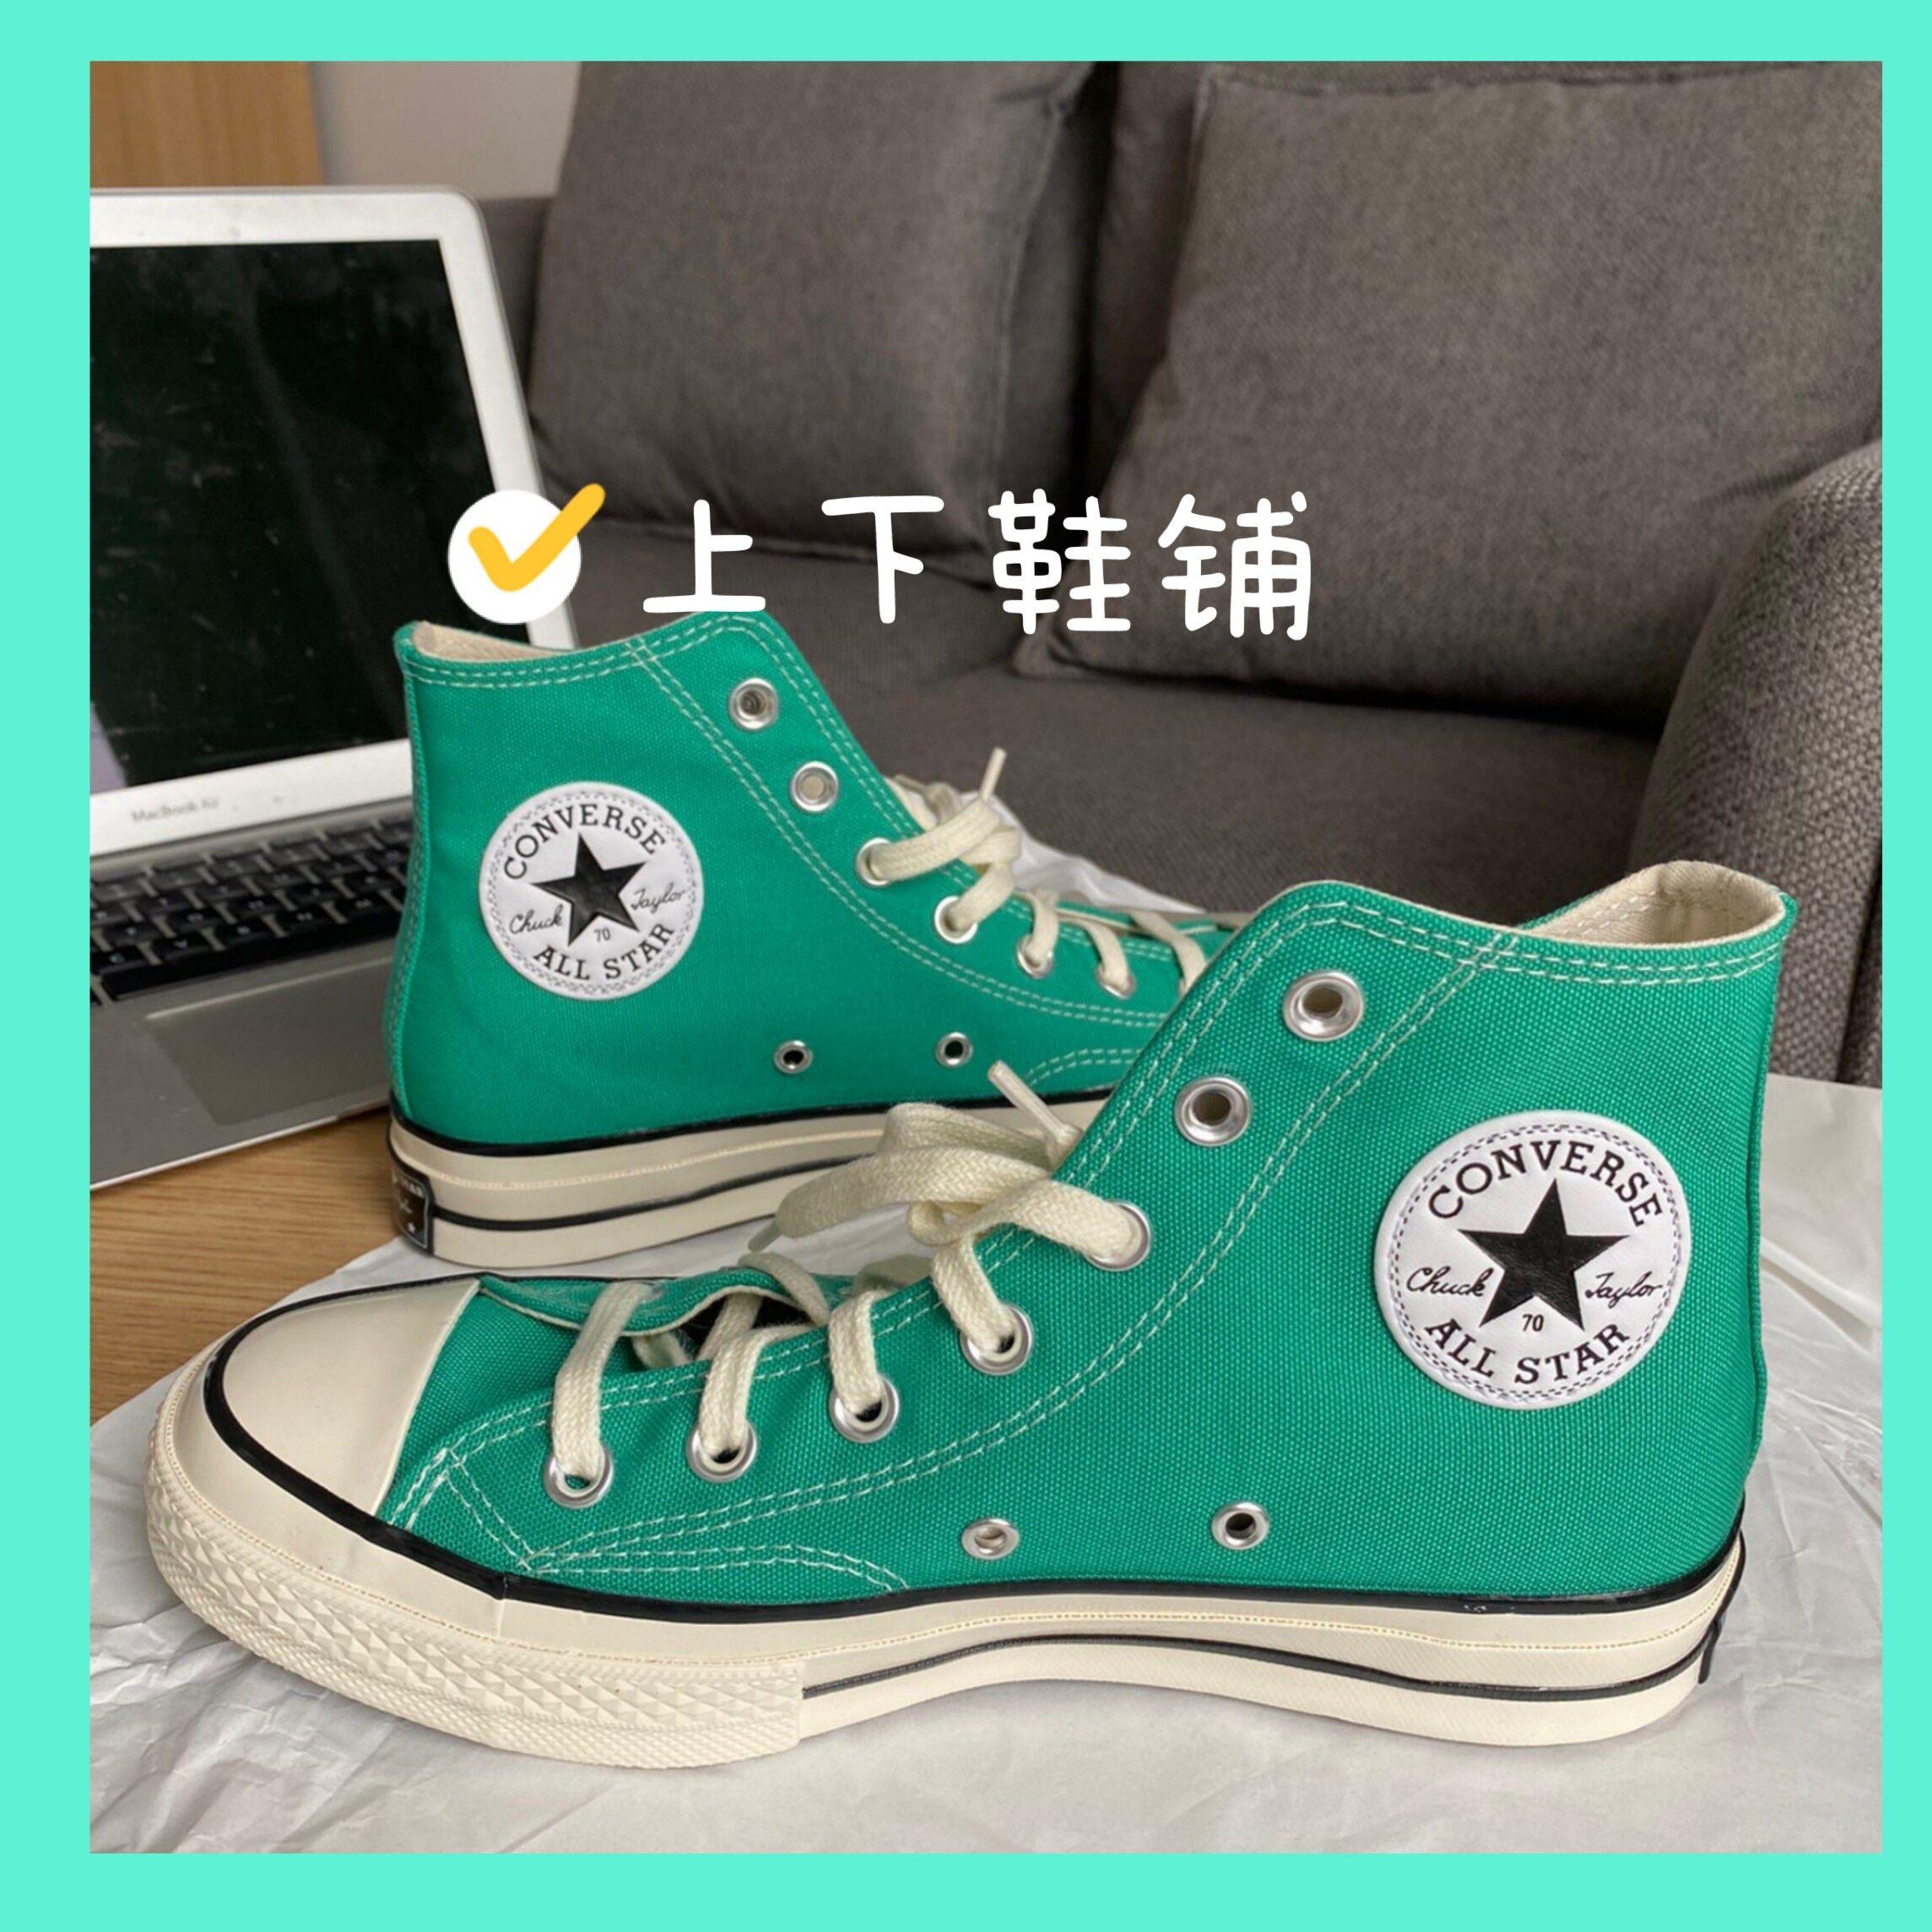 现货Converse匡威1970S经典三星标蒂芙尼绿帆布鞋高帮板鞋170089C